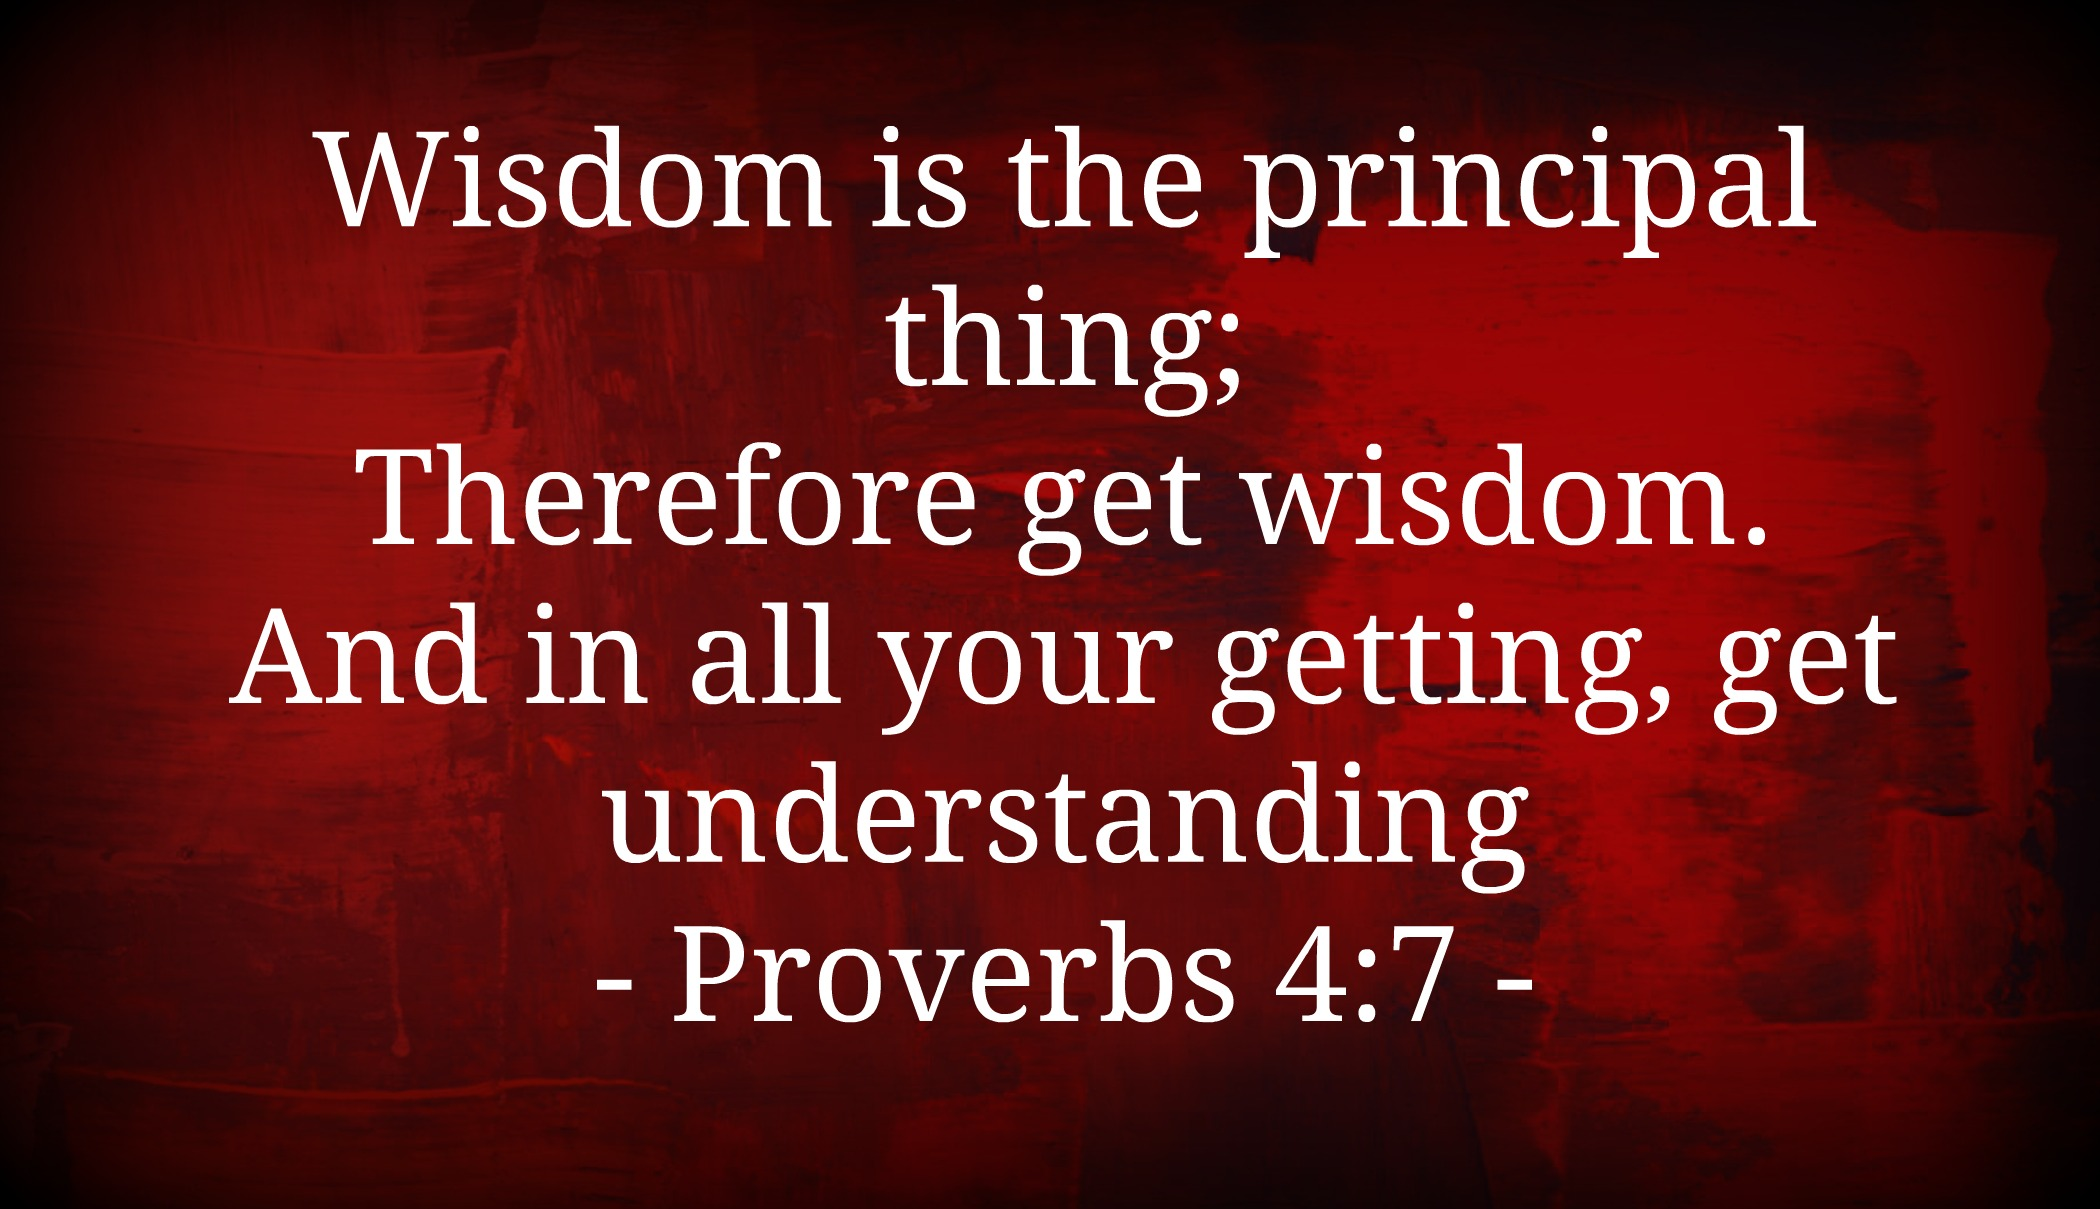 Get Wisdom!